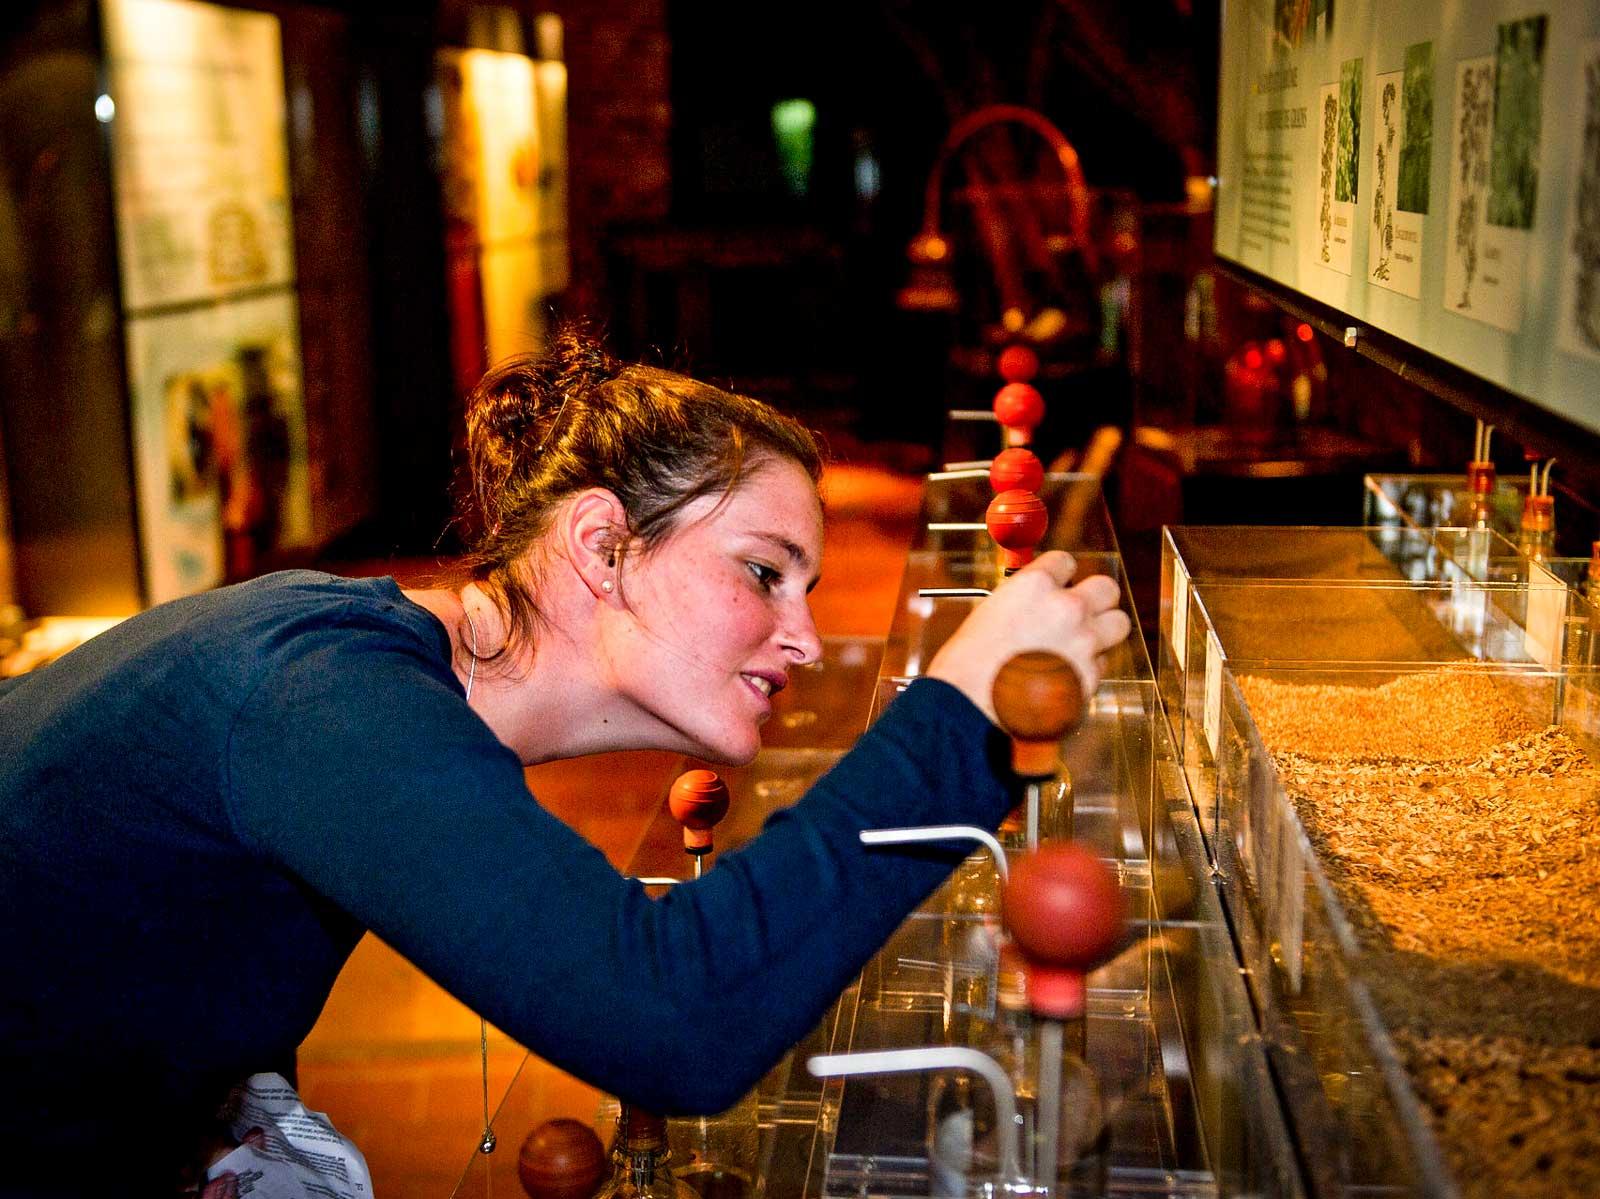 På museet får man provsmaka, lukta och känna på mängder av flaskor.